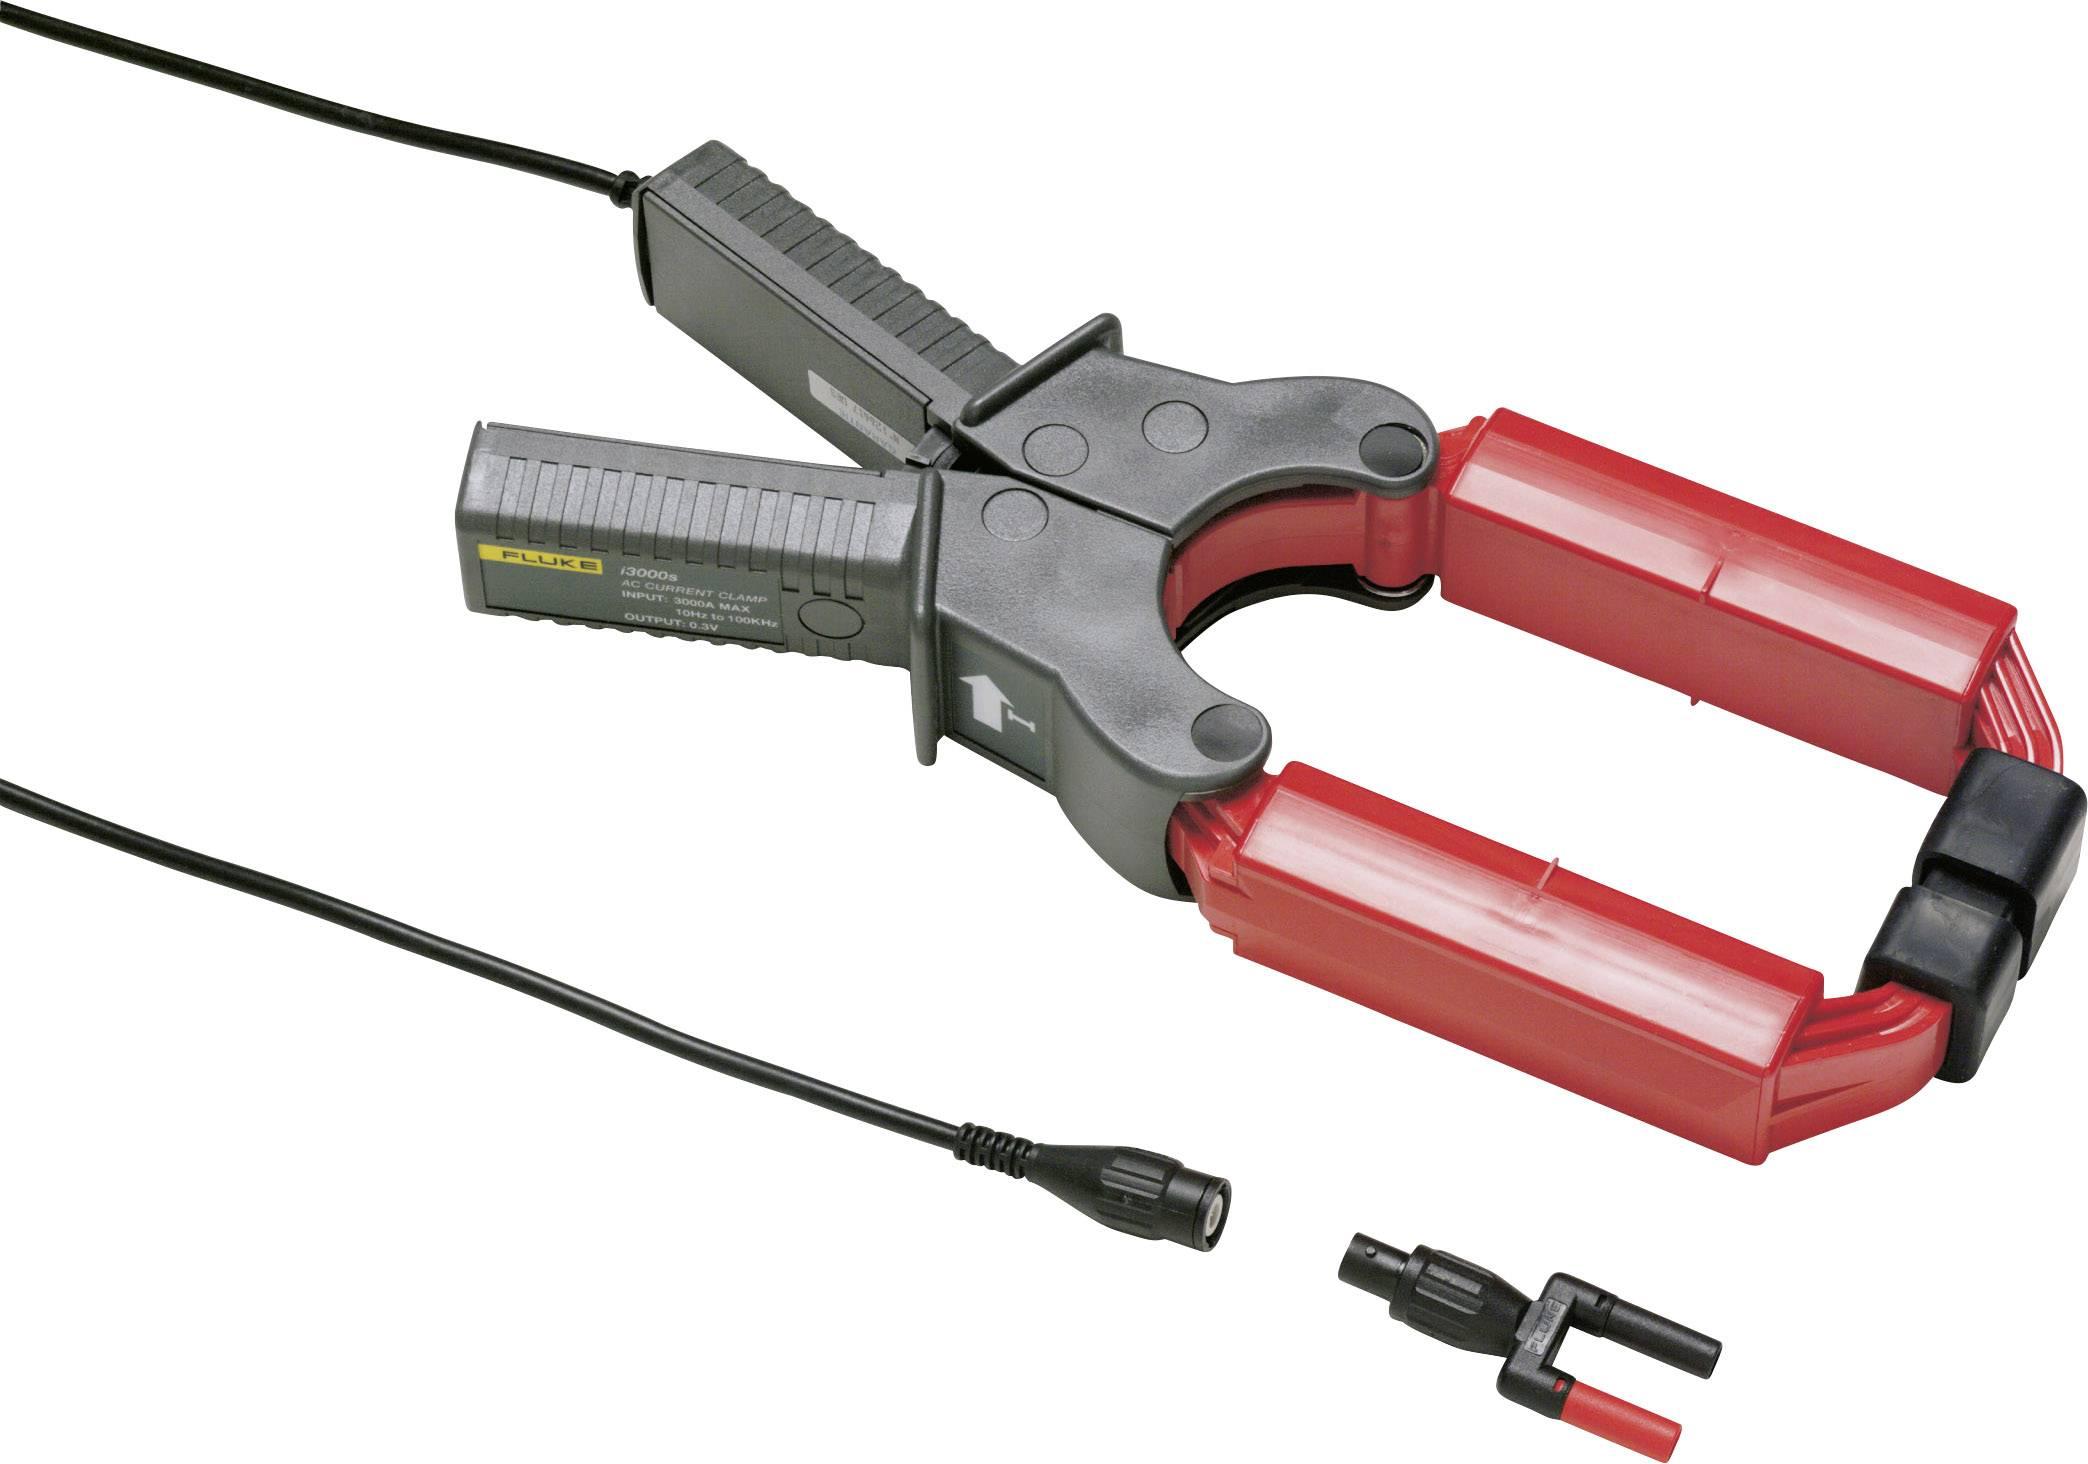 Adaptér AC proudových kleští Fluke i3000s, 64 mm